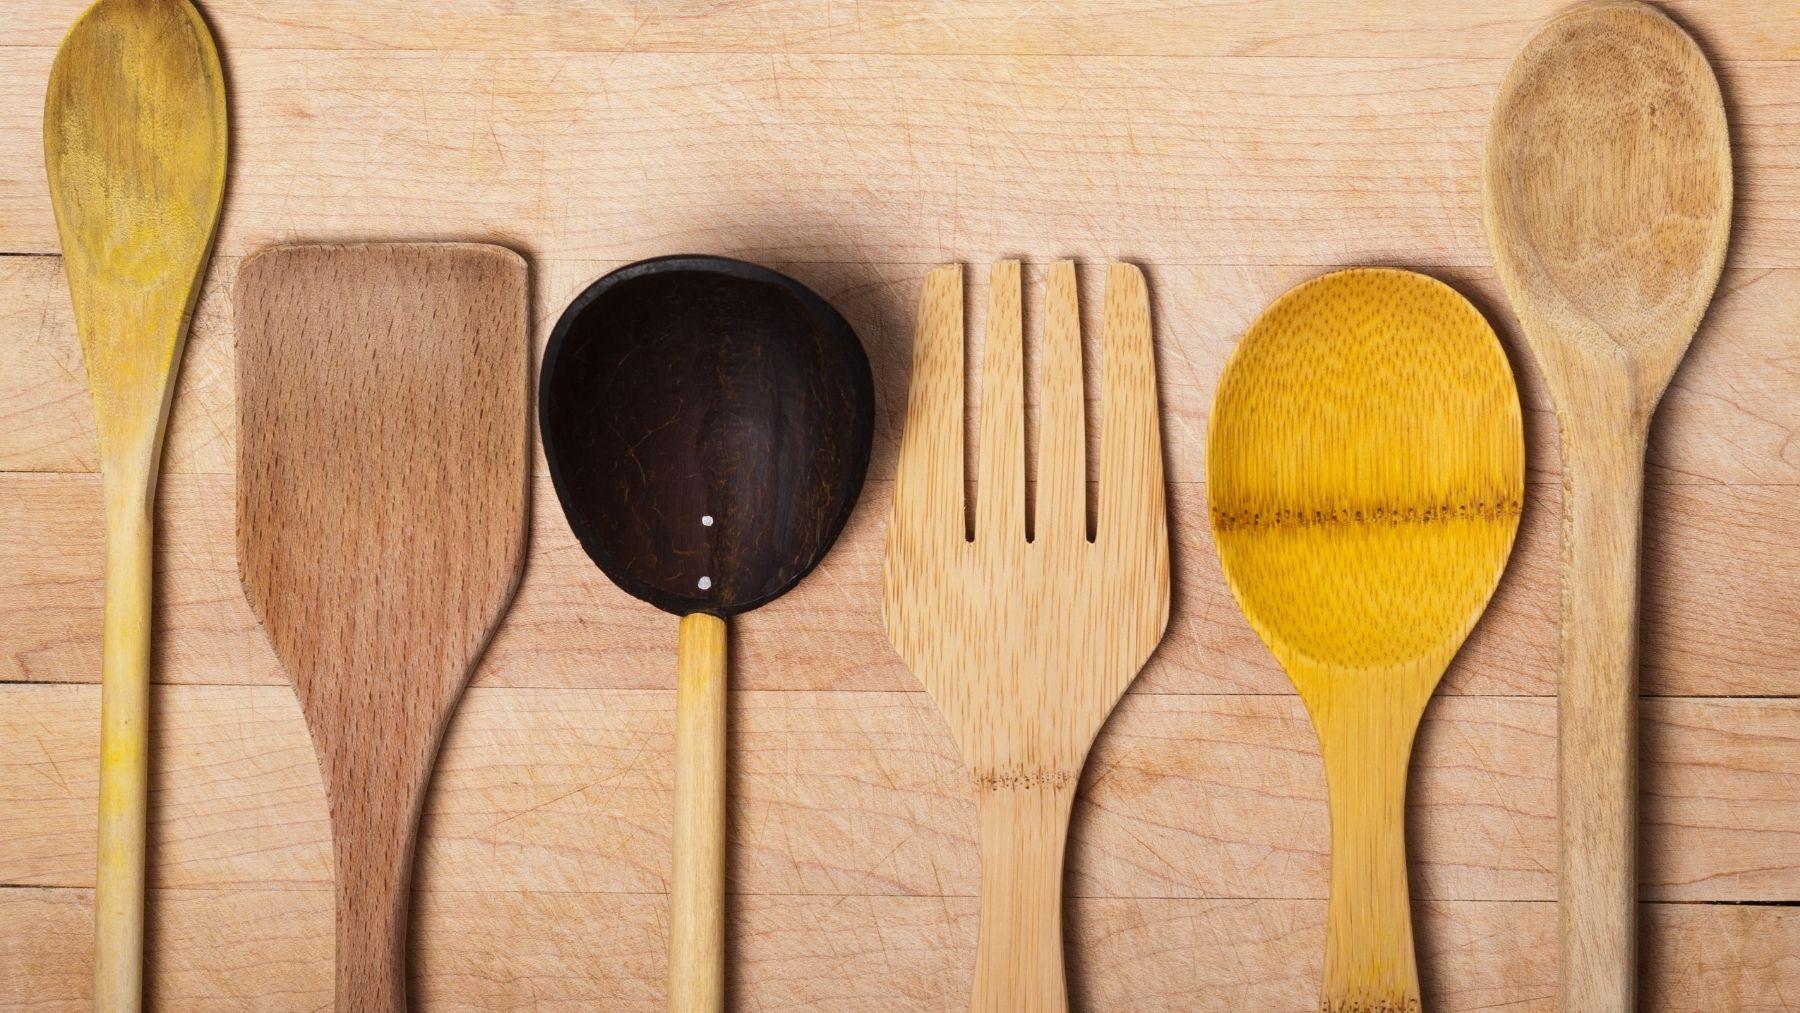 Trucos para desinfectar utensilios de madera